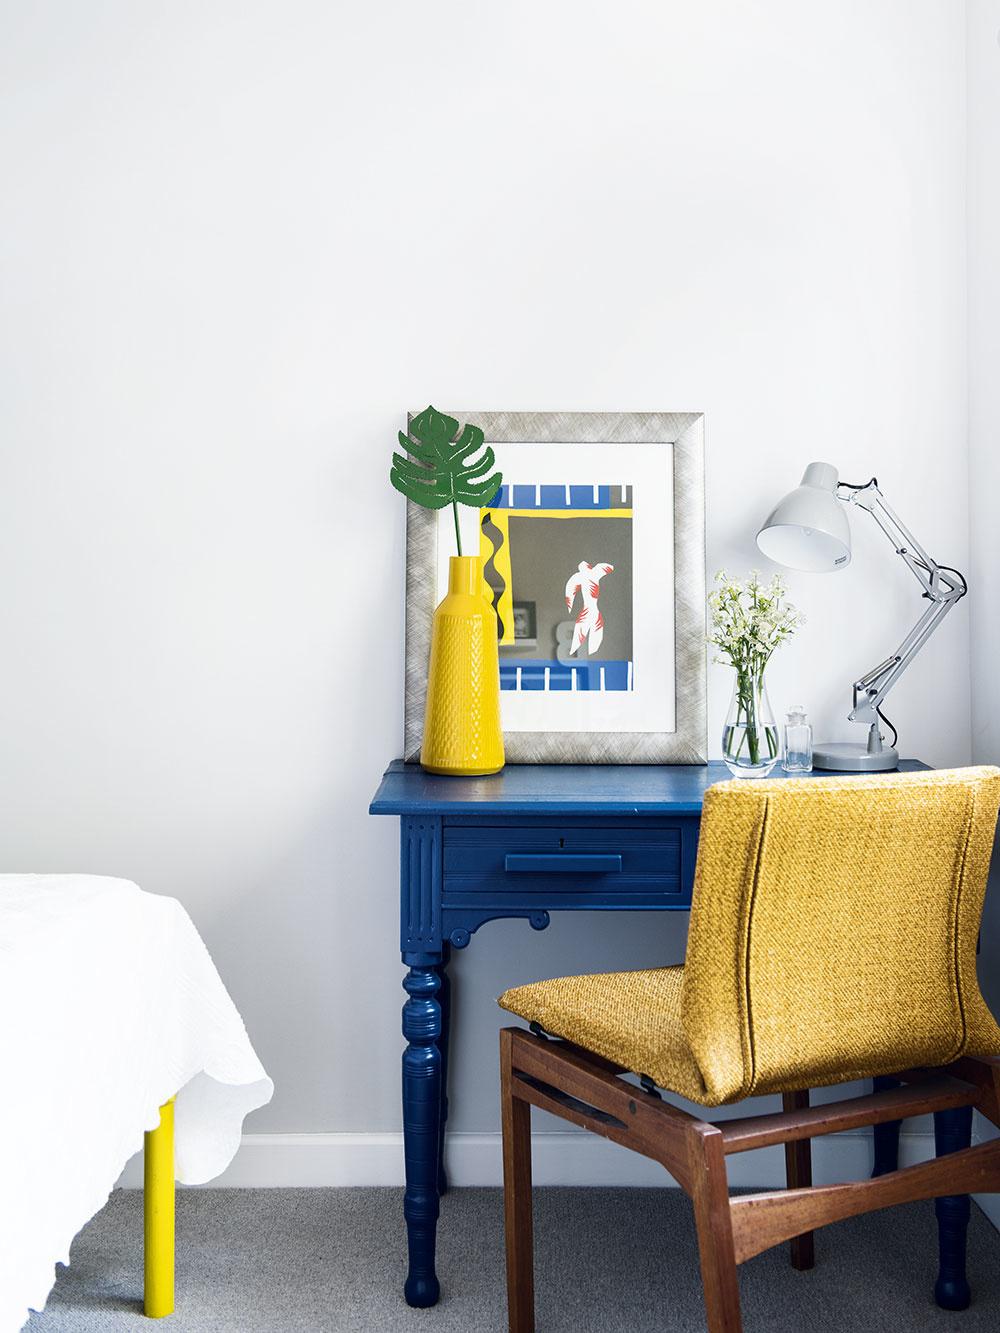 Farby pomohli vhosťovskej izbe zladiť staré prvky snovými aj rozličné štýly zariadenia. Stôl, ktorý používala Georgia vtínedžerskom veku, natrela rovnakým modrým odtieňom, aký má priečka za posteľou, konštrukciu postele zIkey zas kontrastnou jasnožltou, ktorá sa objavuje aj na doplnkoch atextíliách vmiestnosti.